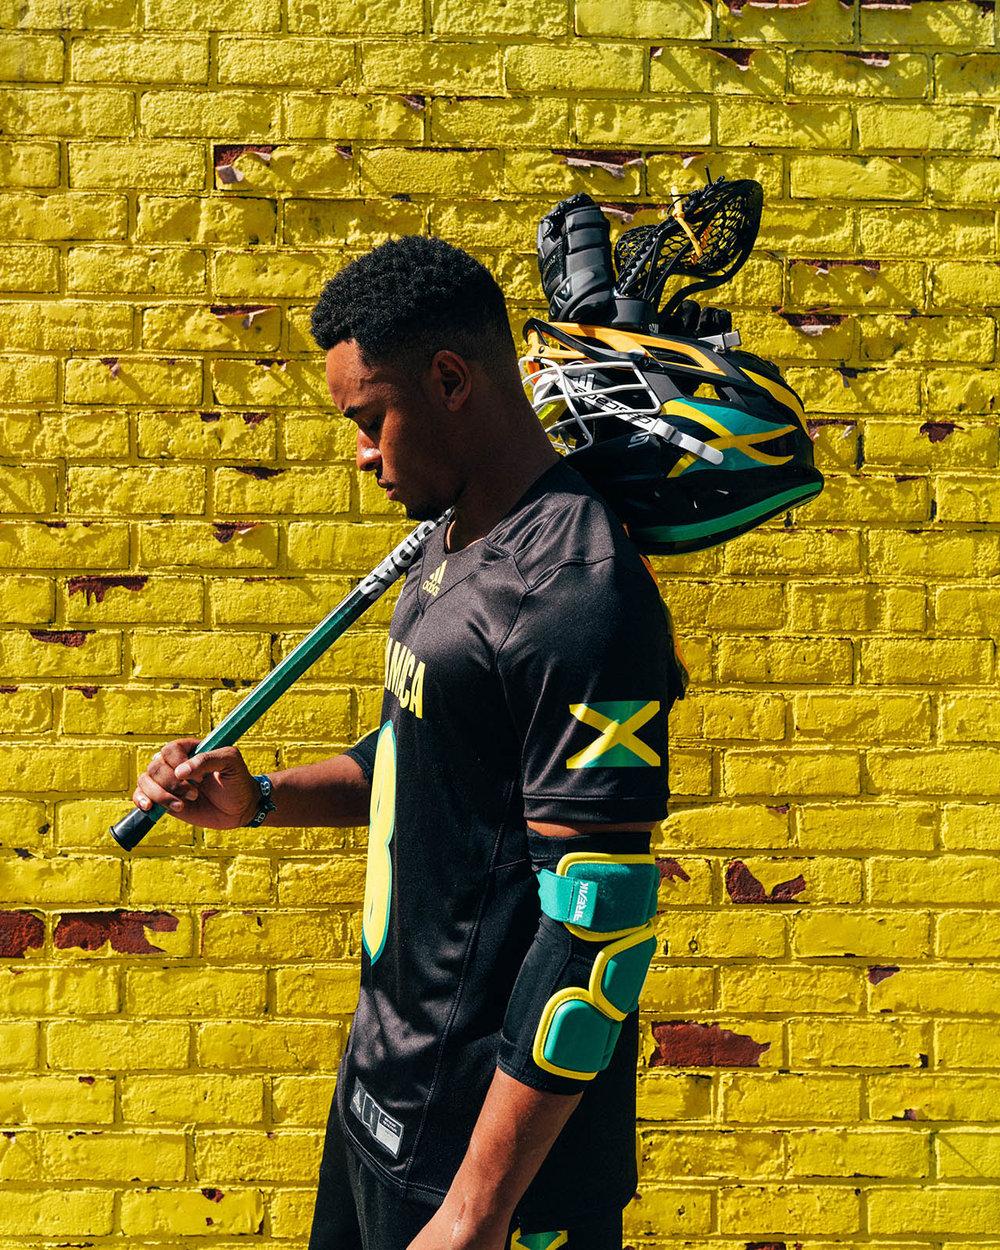 adidasLacrosse x TeamJamaicaLAX _02.jpg